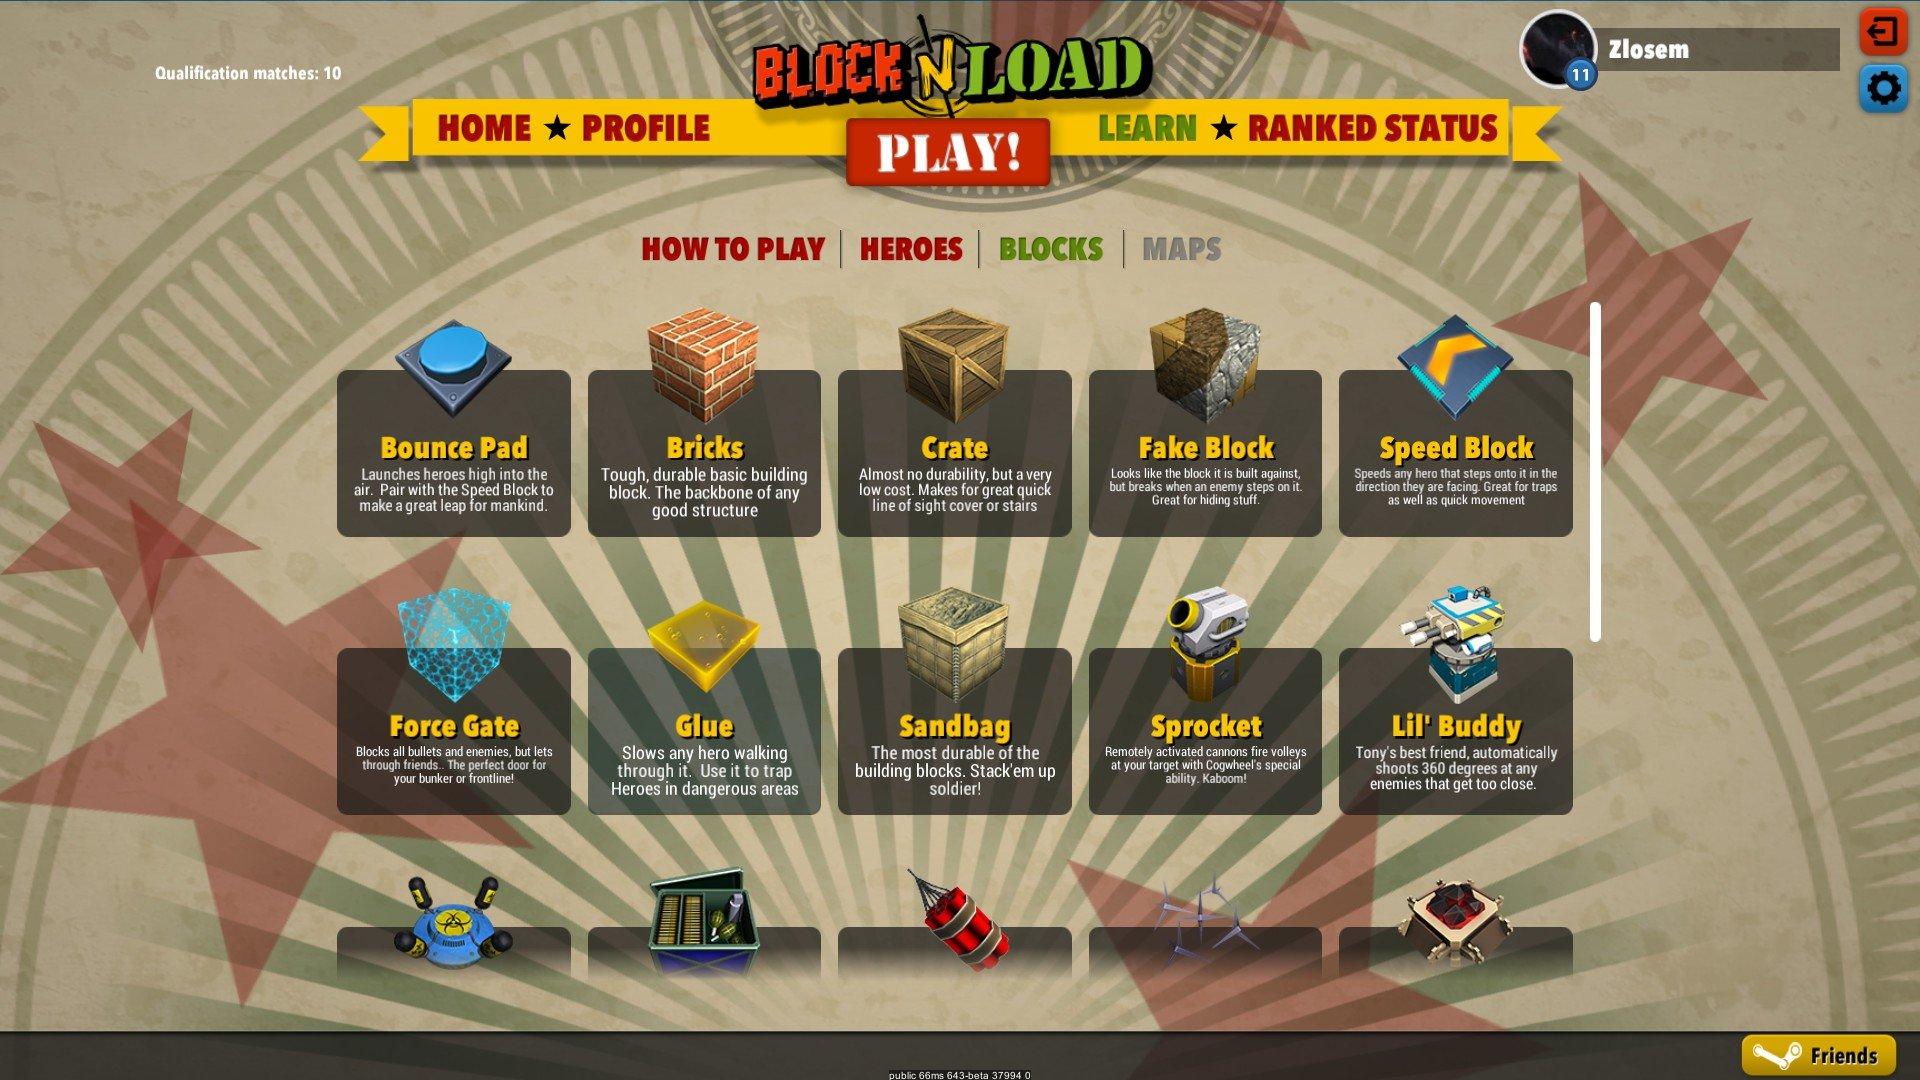 Обзор Block N load - Изображение 3